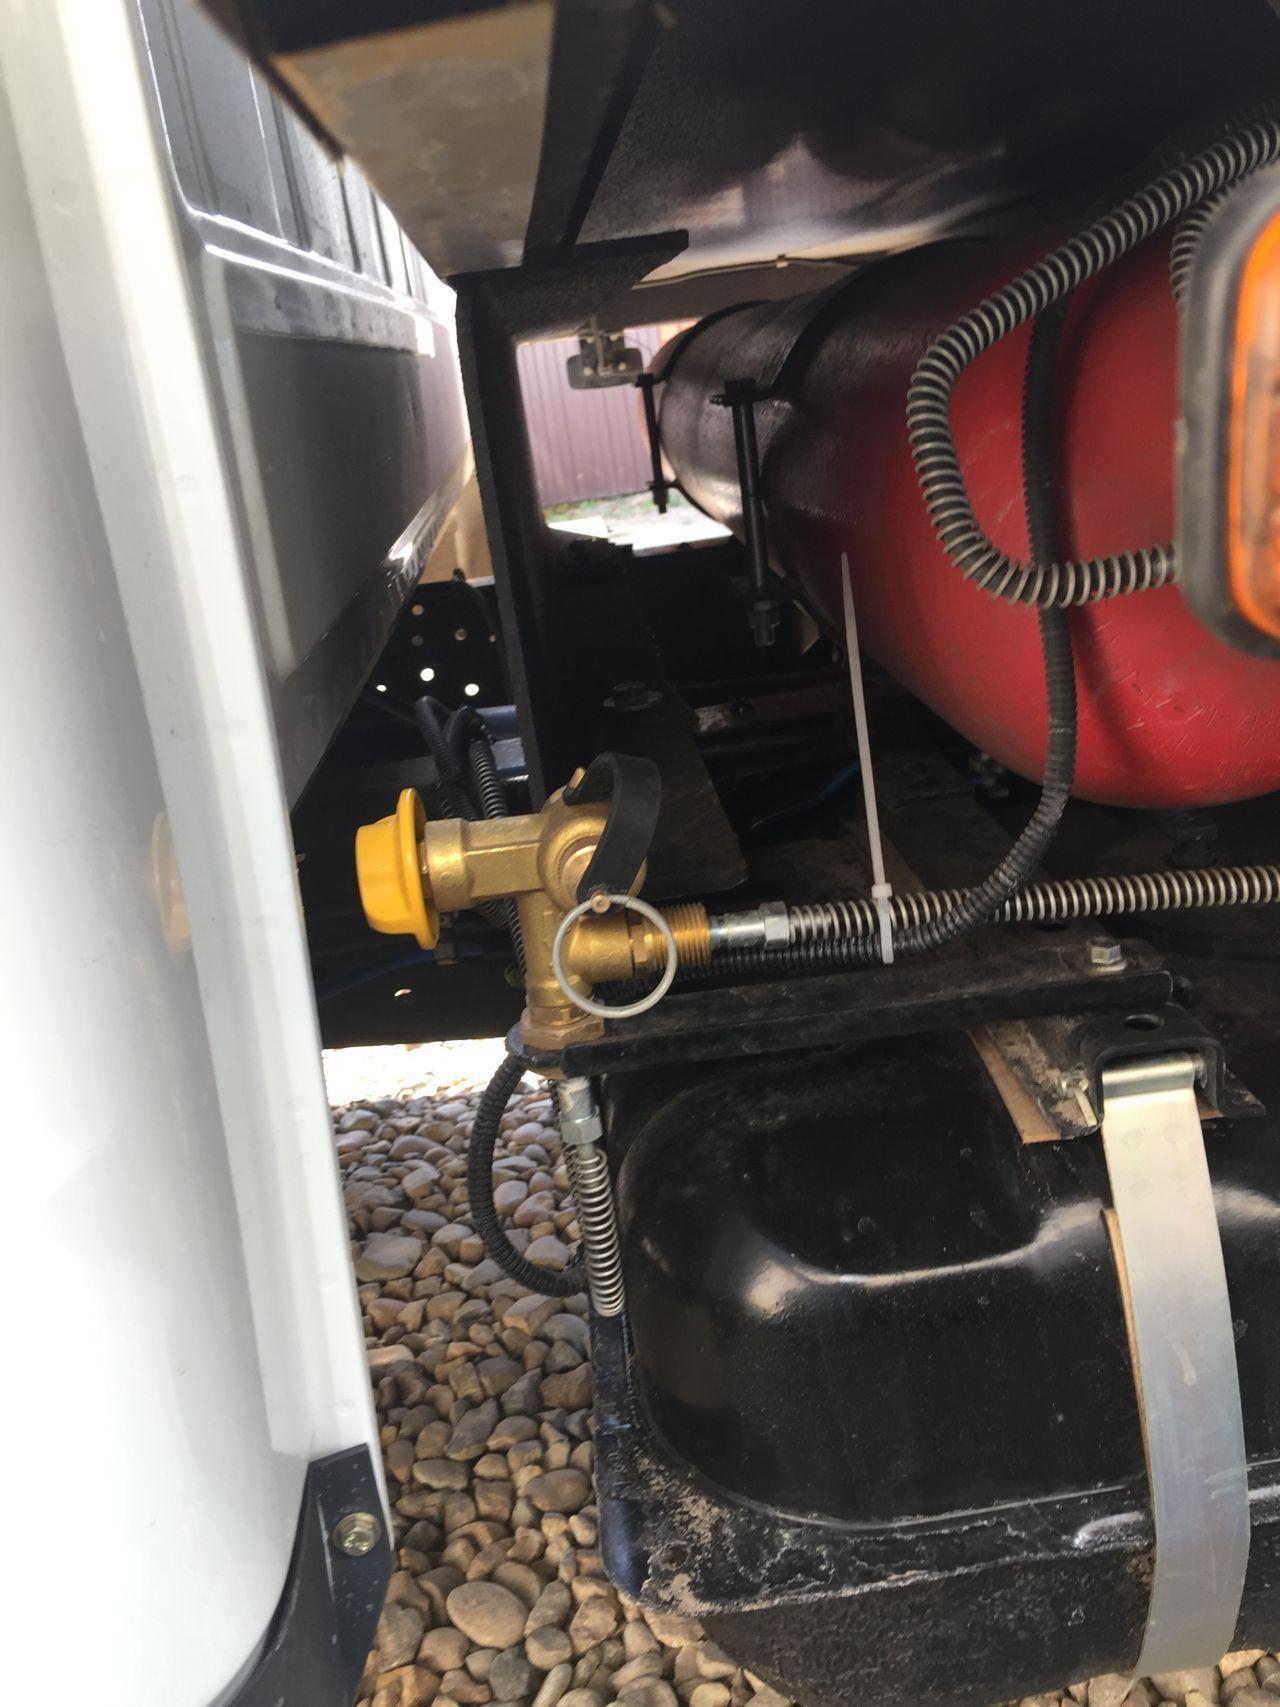 Заправочное устройство метана.  Лучше его было поставить под капотом. Тут оно будет обмерзать зимой